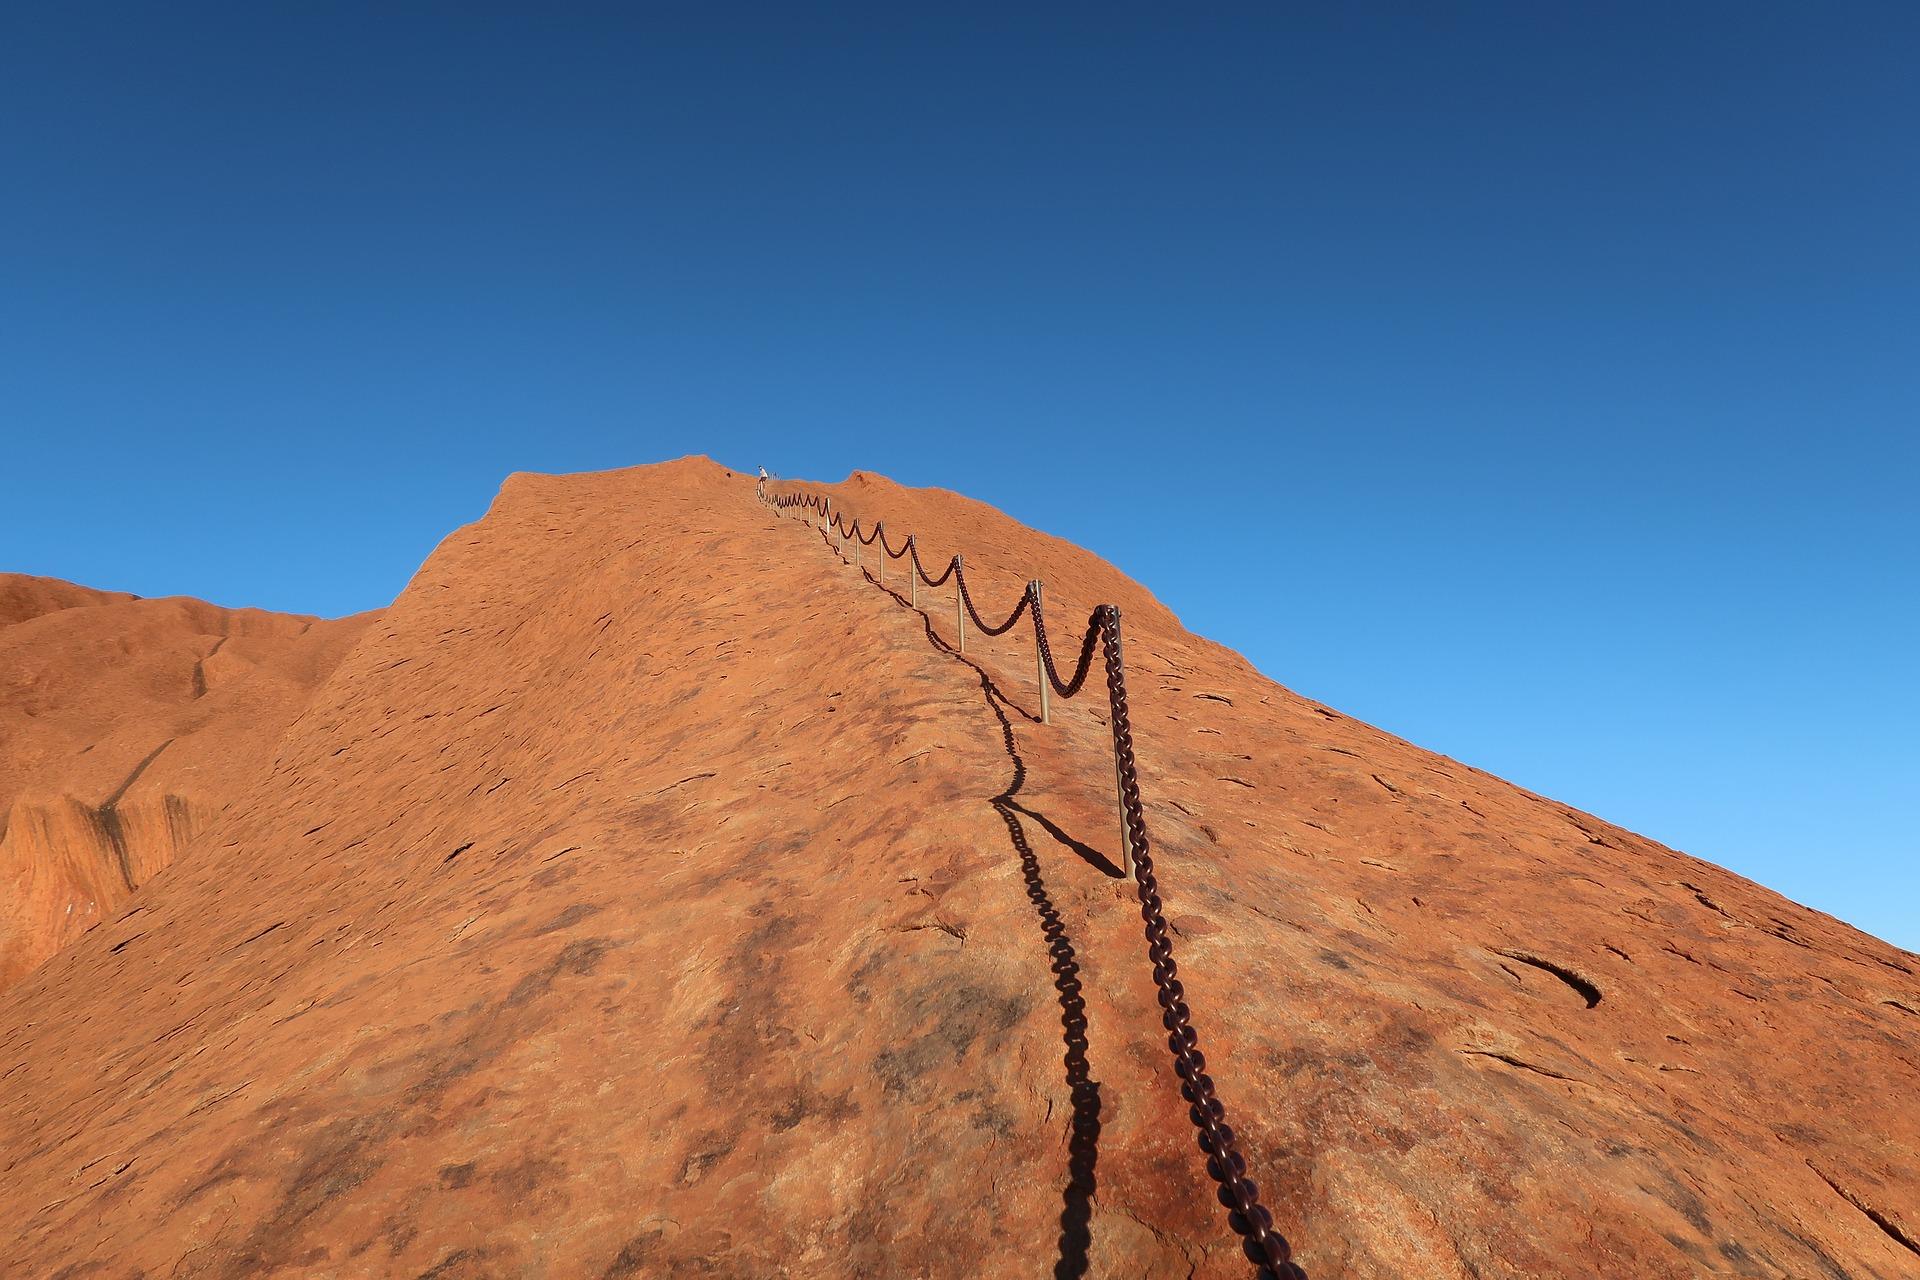 Rock climb chain on Uluru.